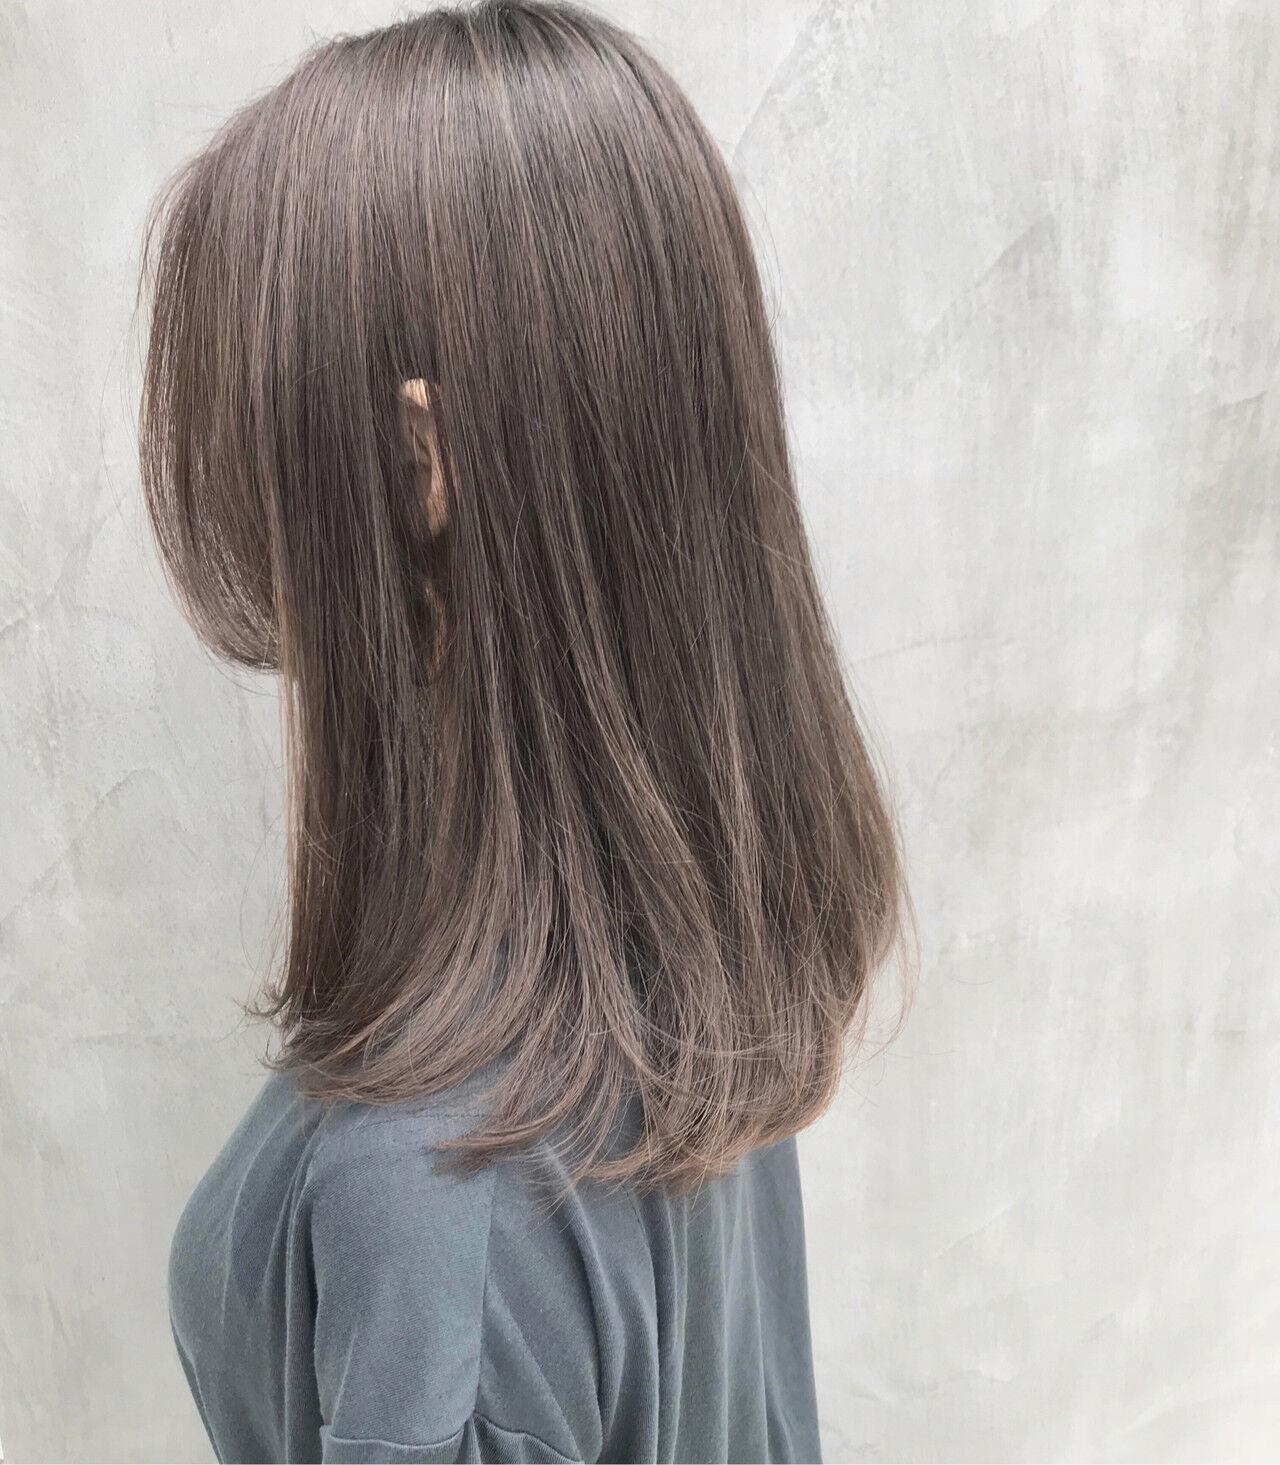 グレージュ アンニュイほつれヘア ロング ハイライトヘアスタイルや髪型の写真・画像